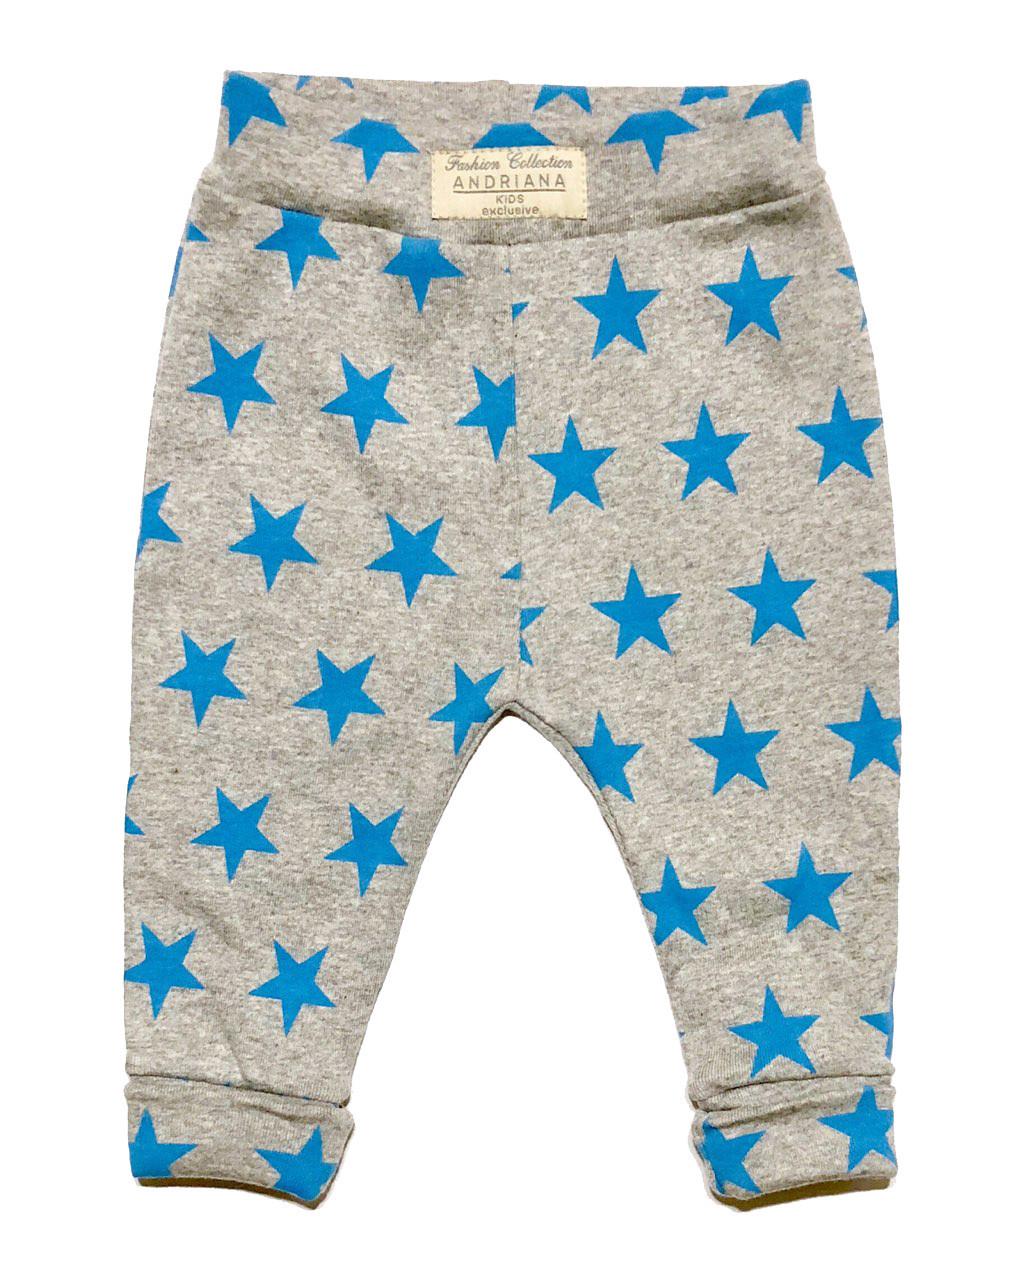 Штанишки Andriana Kids голубые звезды 98 р.